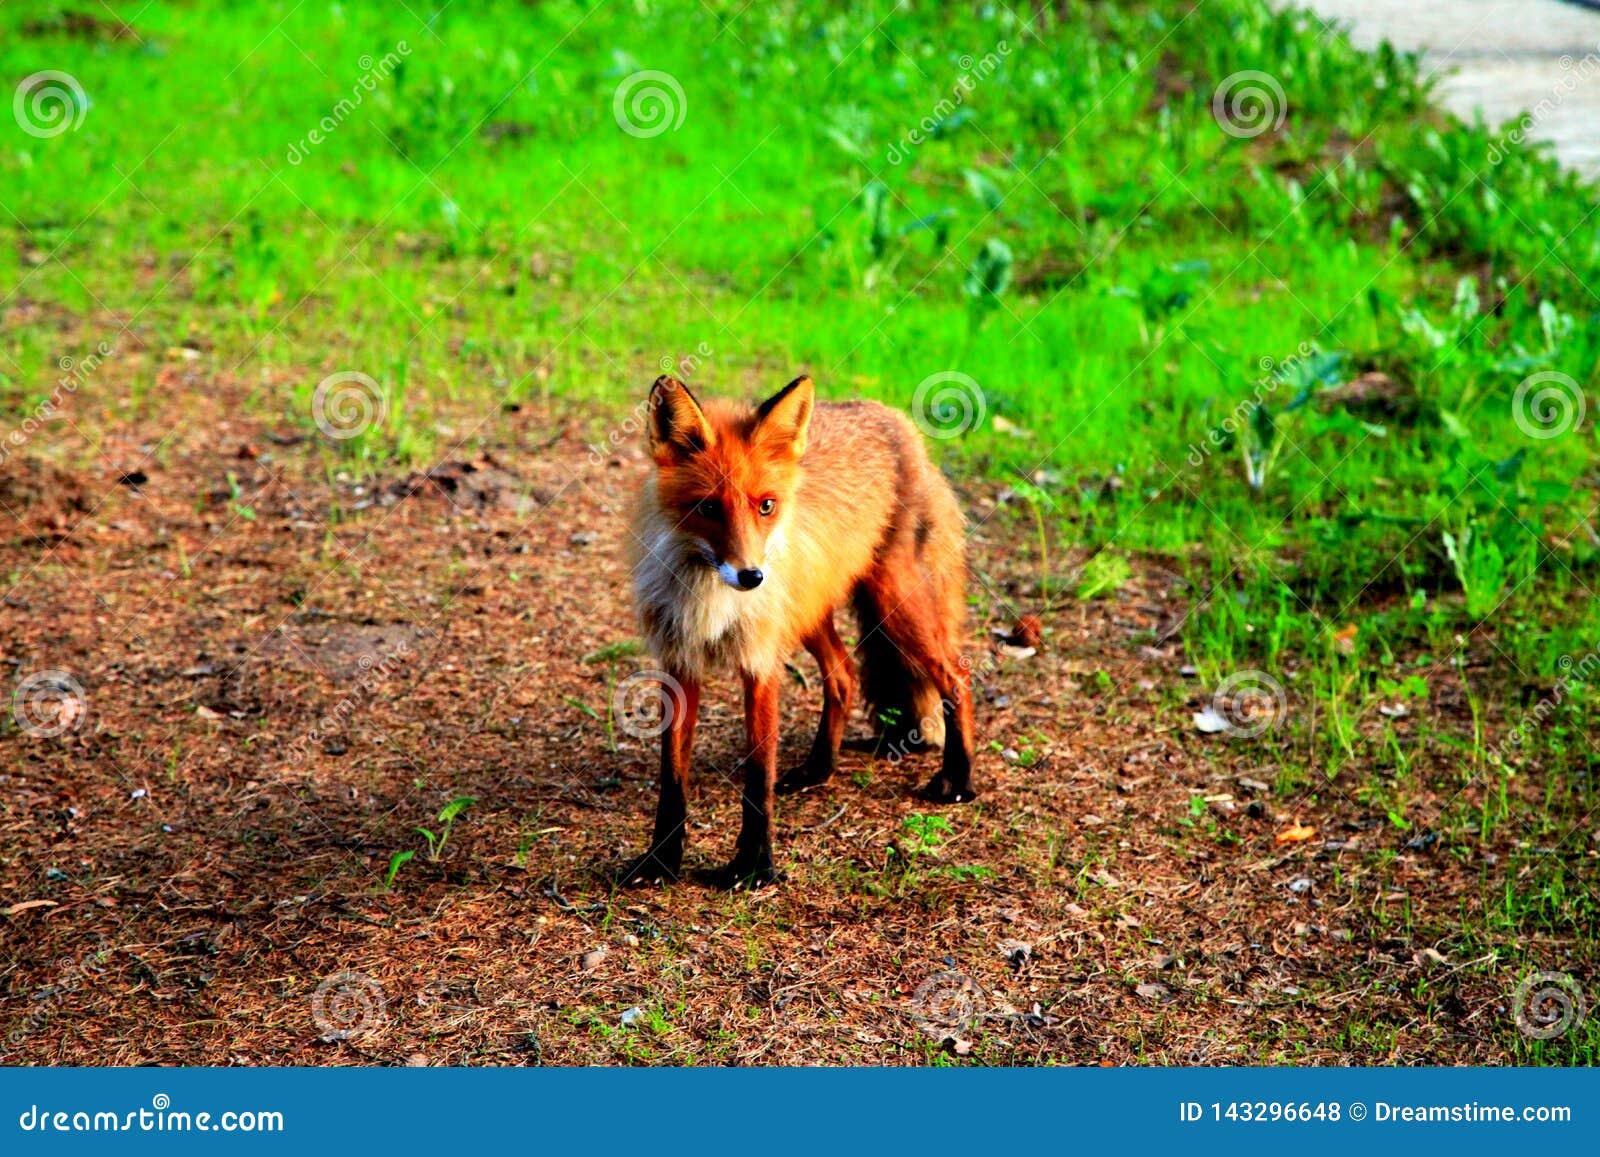 Rouge peu de renard sur une pelouse verte